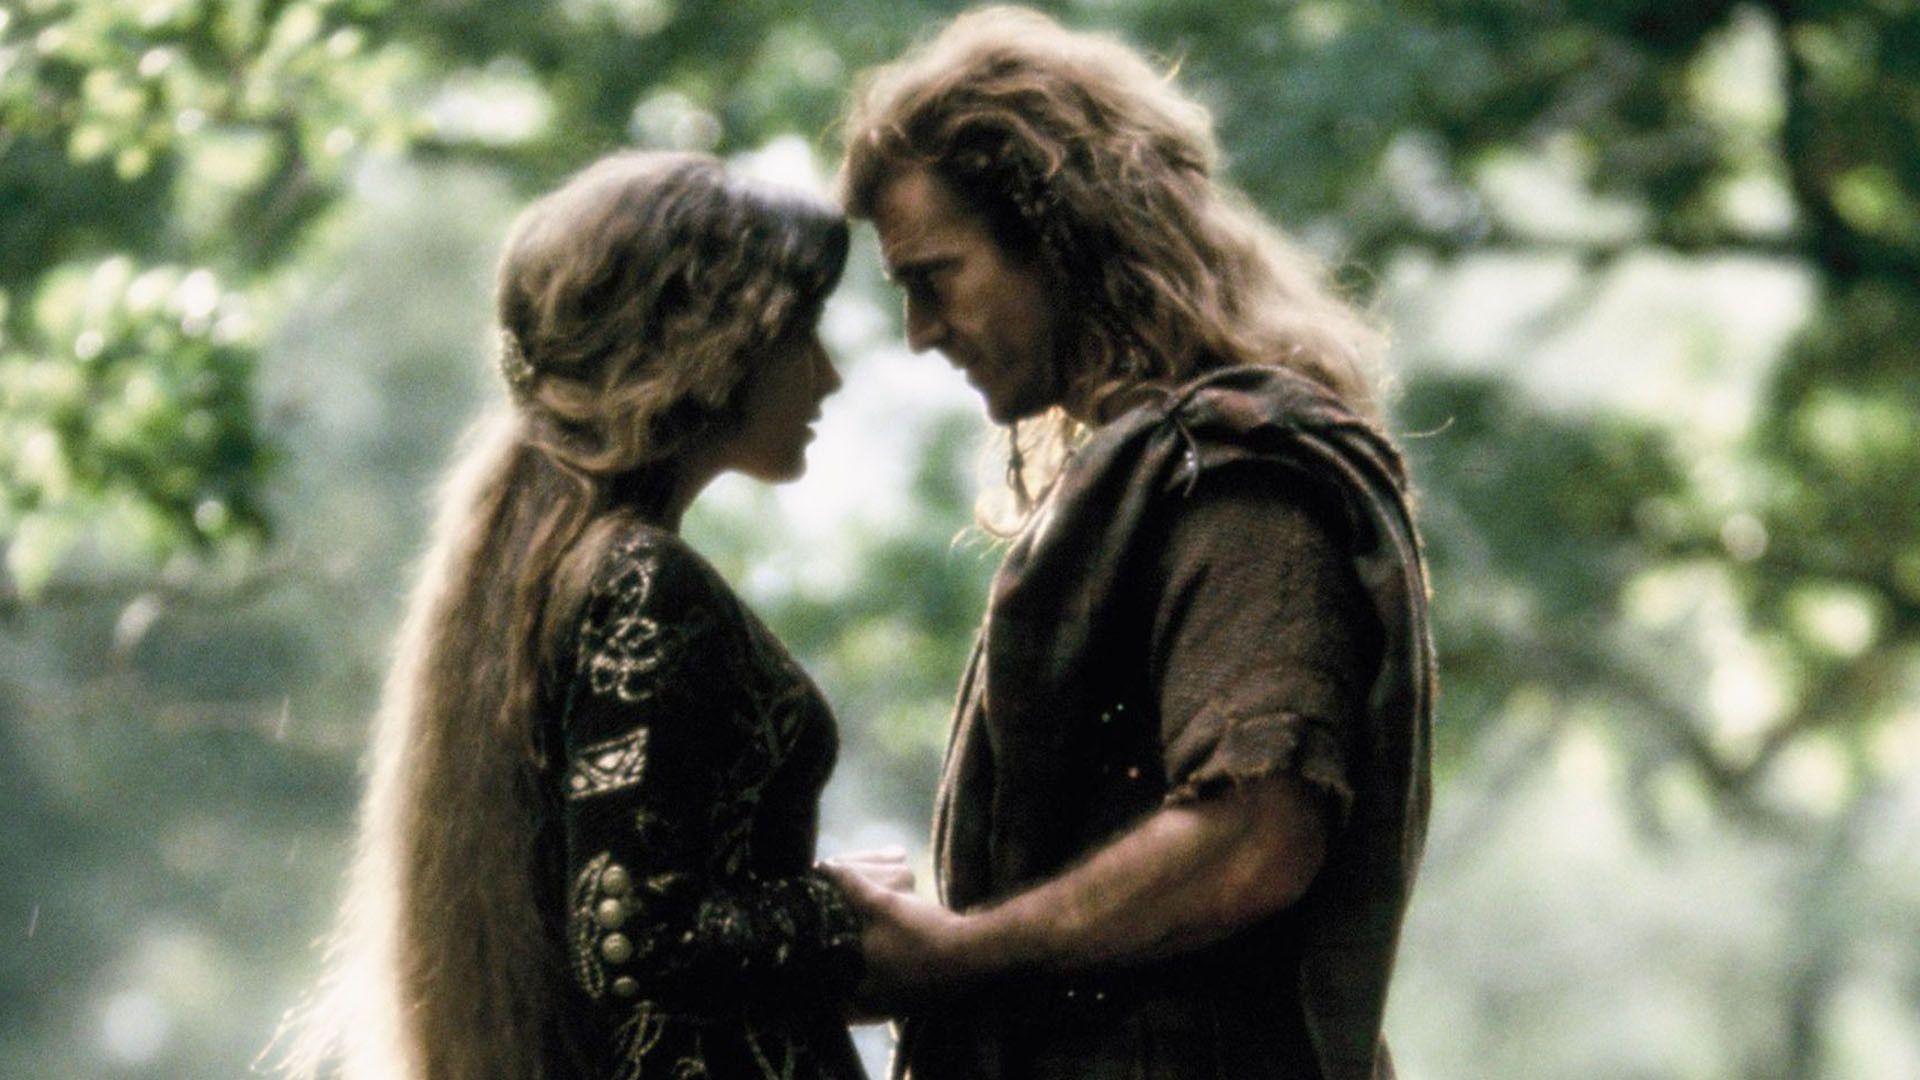 Braveheart : retour sur le destin de William Wallace, héros de la résistance écossaise incarné par Mel Gibson.